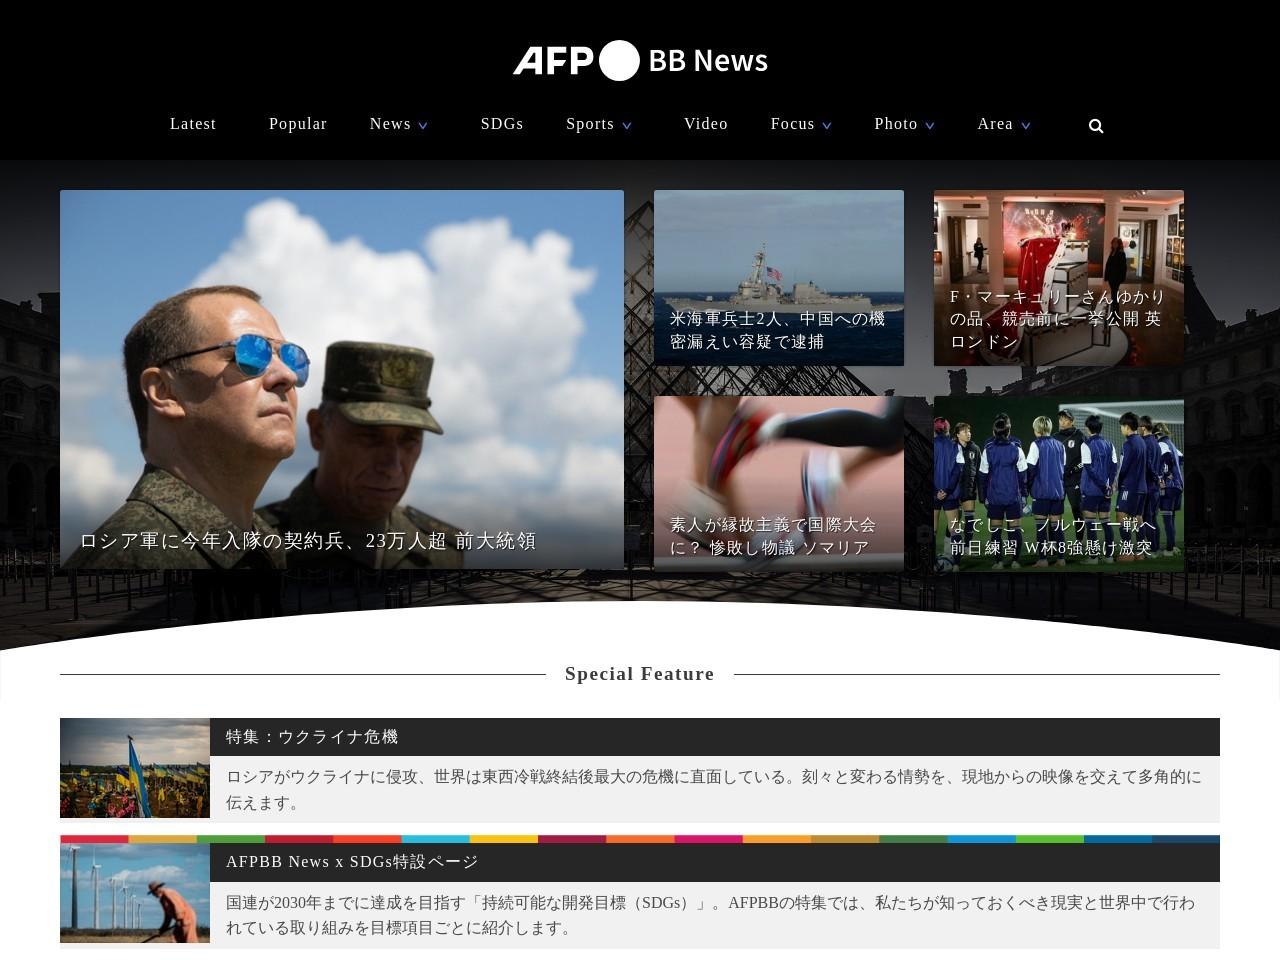 中止のフィギュア中国杯、トリノで代替開催 写真1枚 国際ニュース – AFPBB News